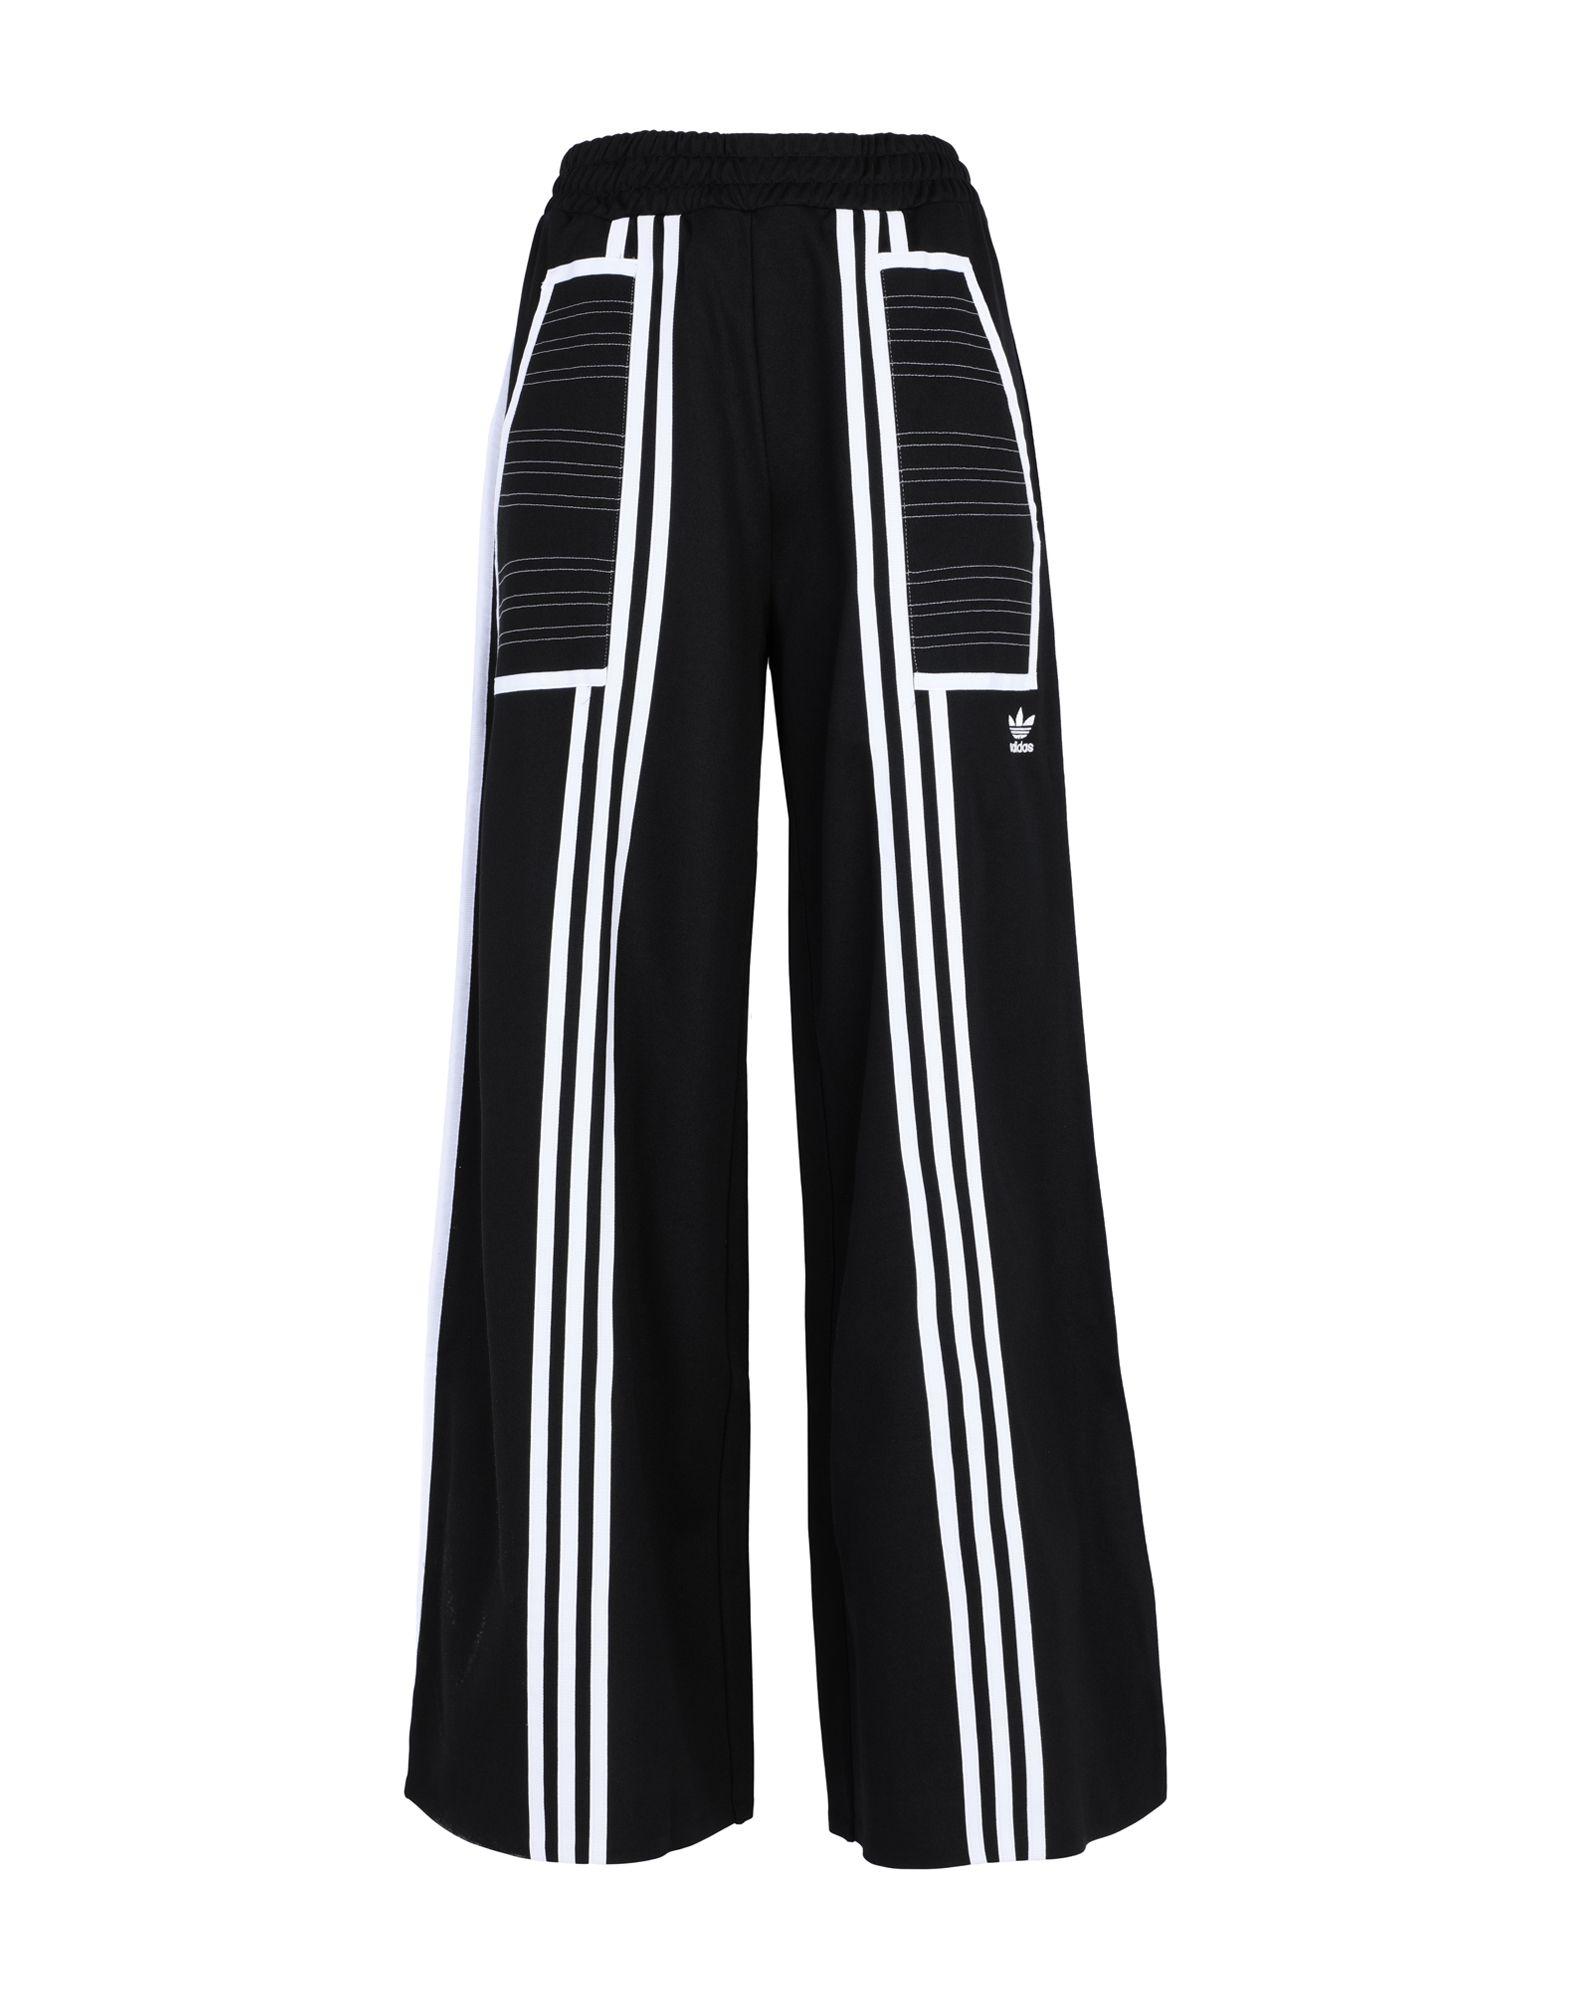 ADIDAS ORIGINALS x JI WON CHOI Повседневные брюки won hundred повседневные брюки